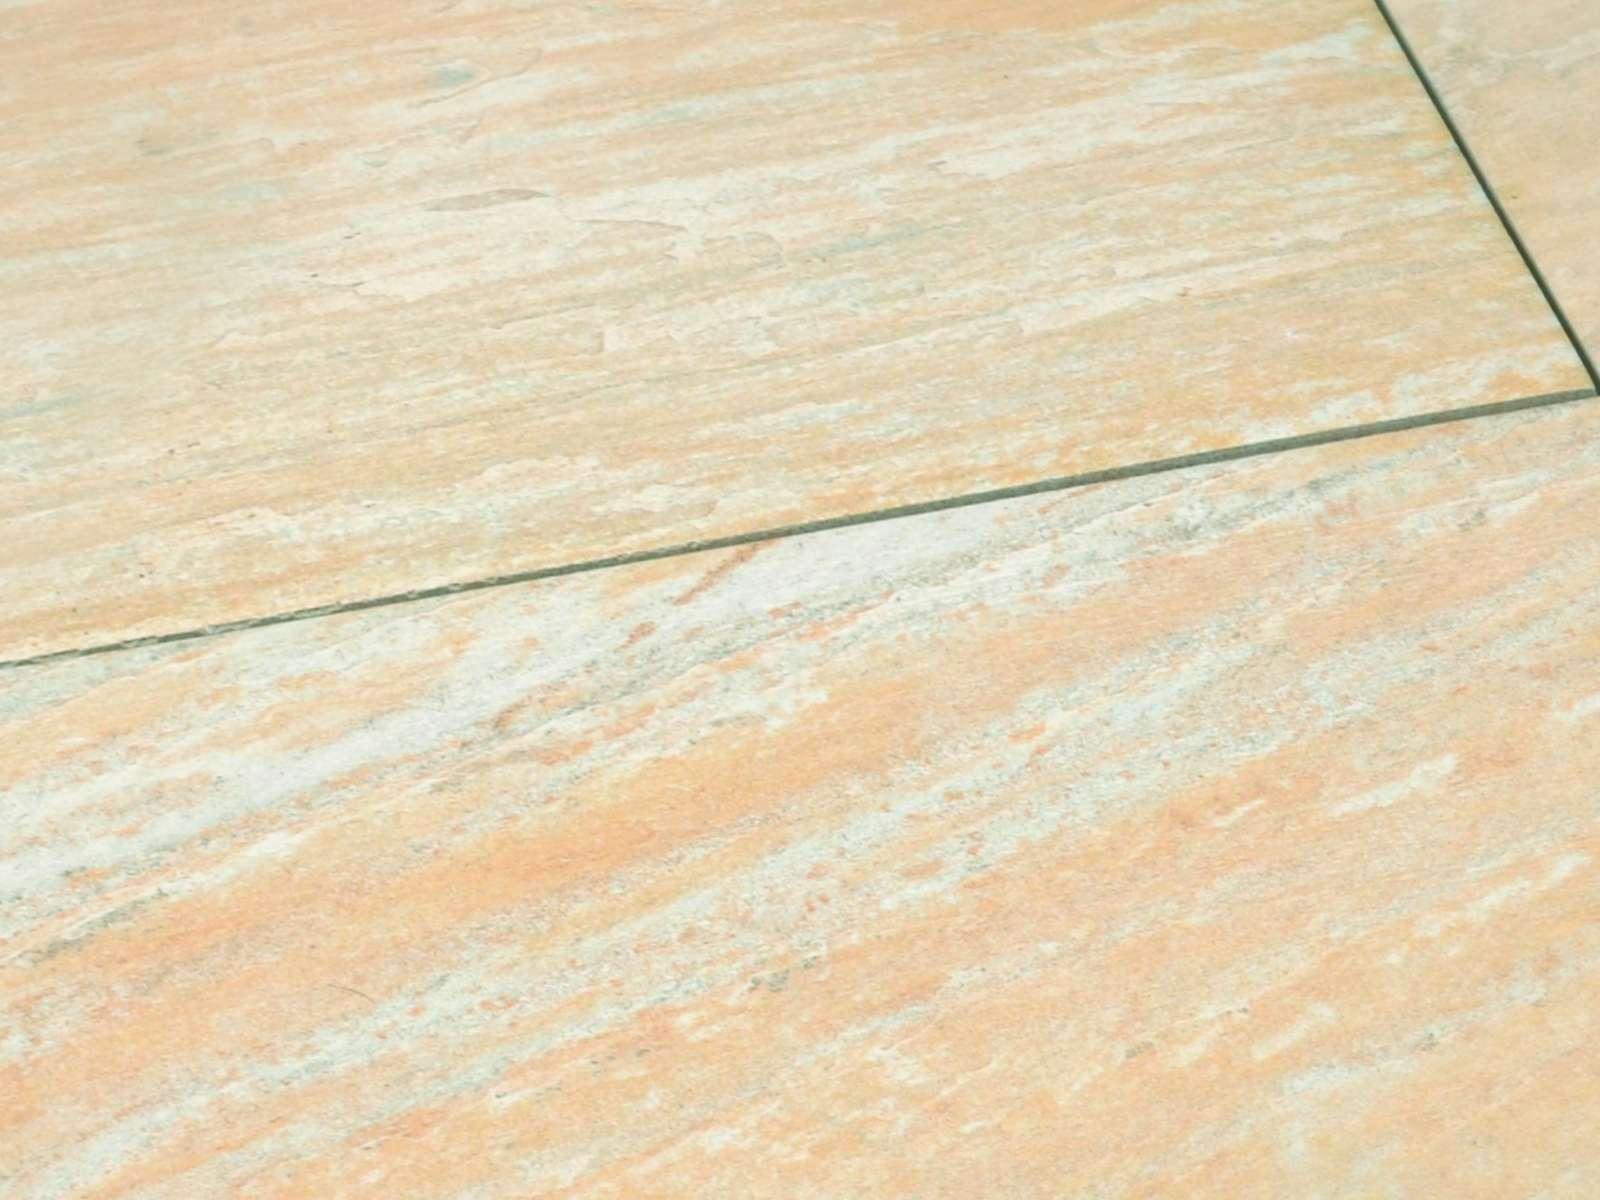 Terrassenplatte Feinsteinzeug Emperor Rio Dorado